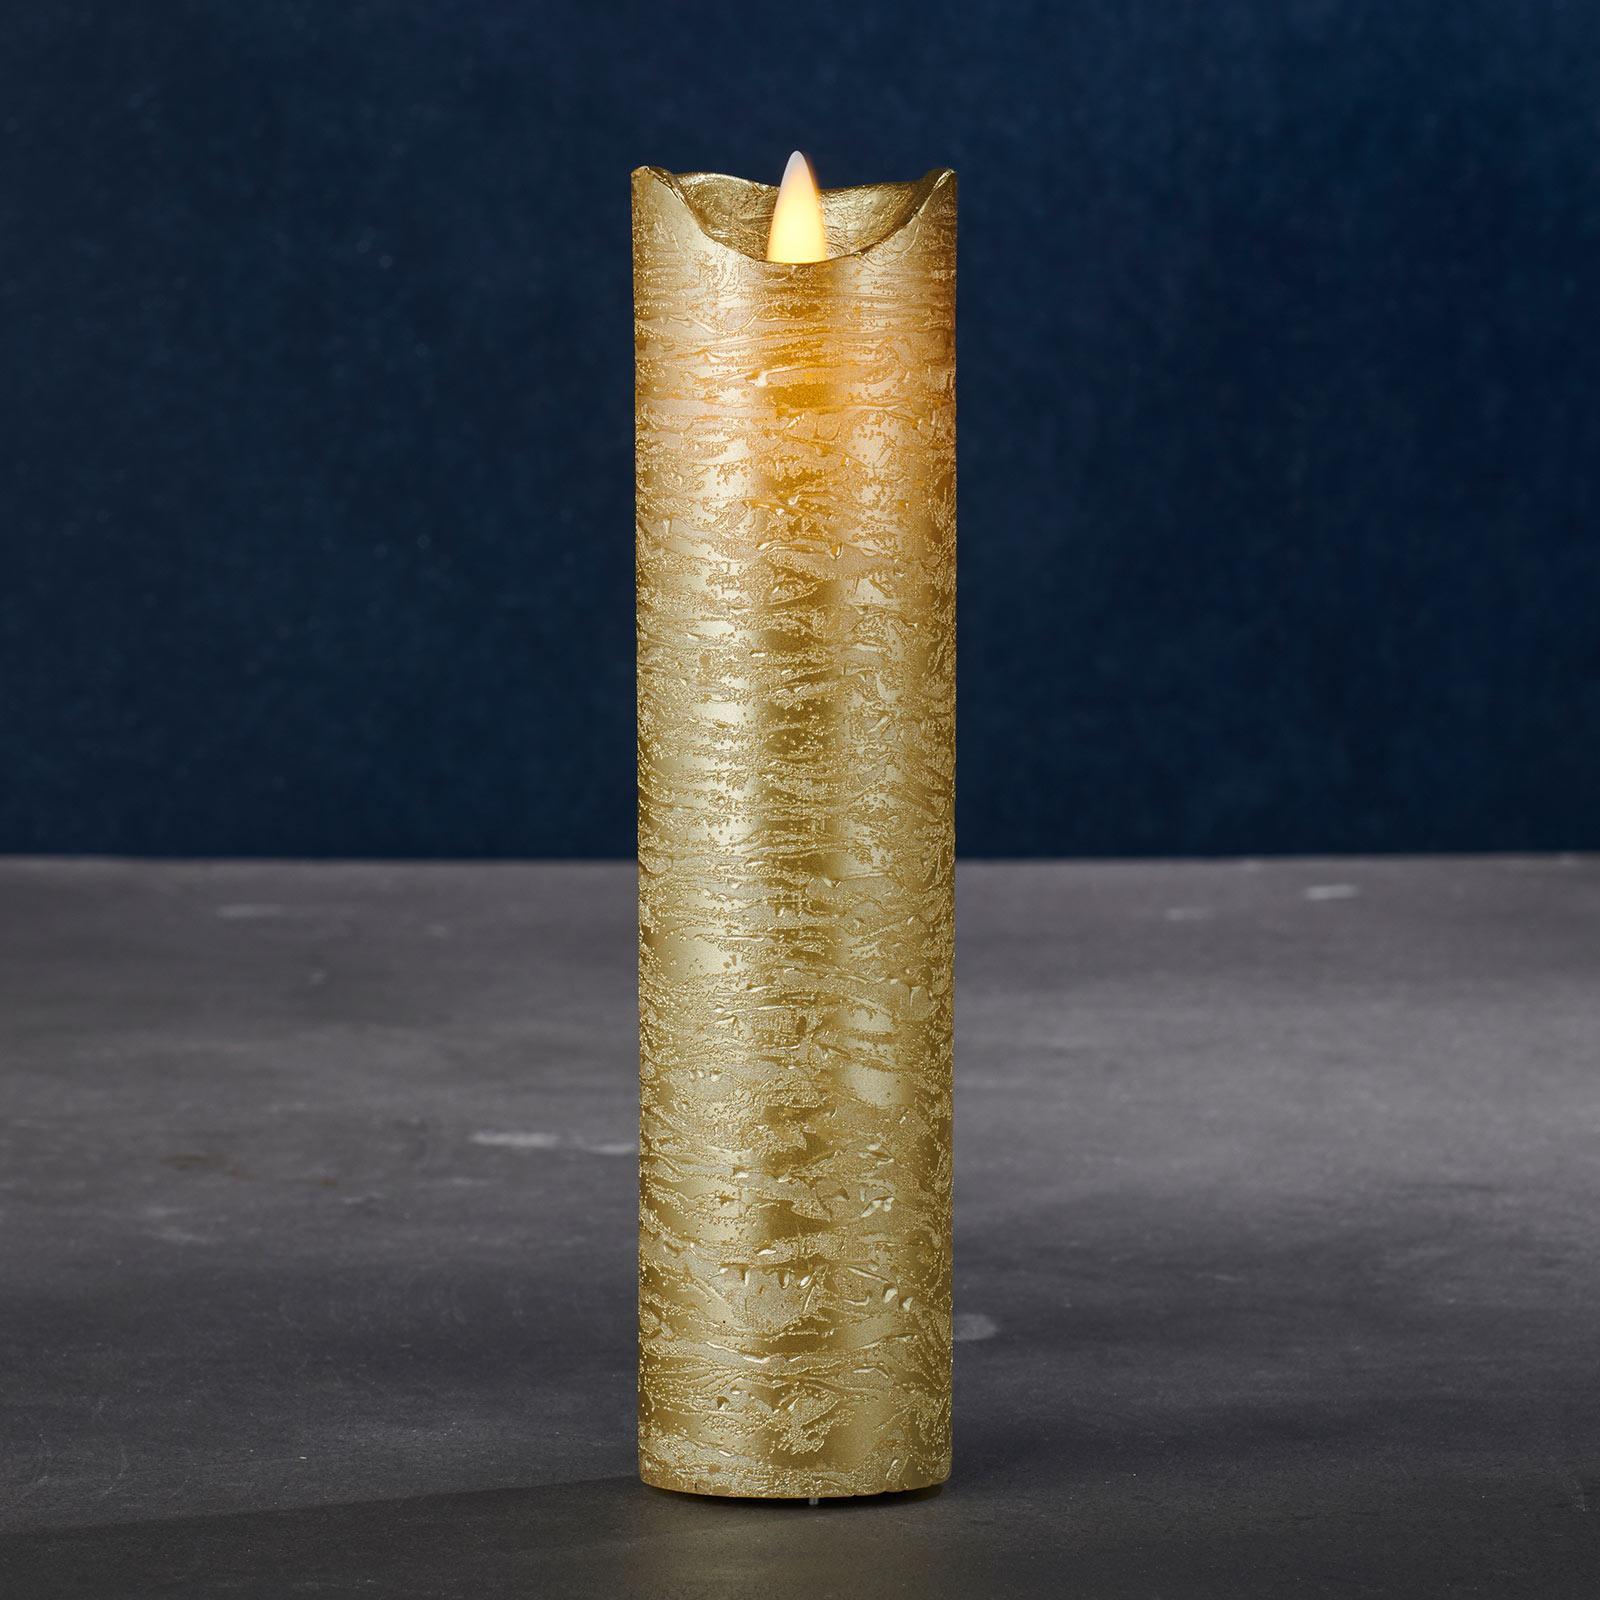 Vela LED Sara Exclusive, oro, Ø 5 cm, altura 20 cm